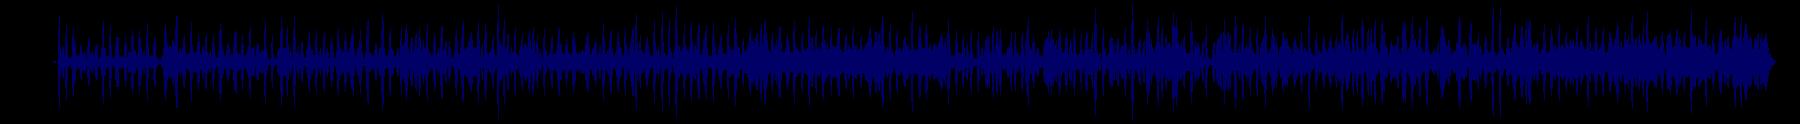 waveform of track #70497